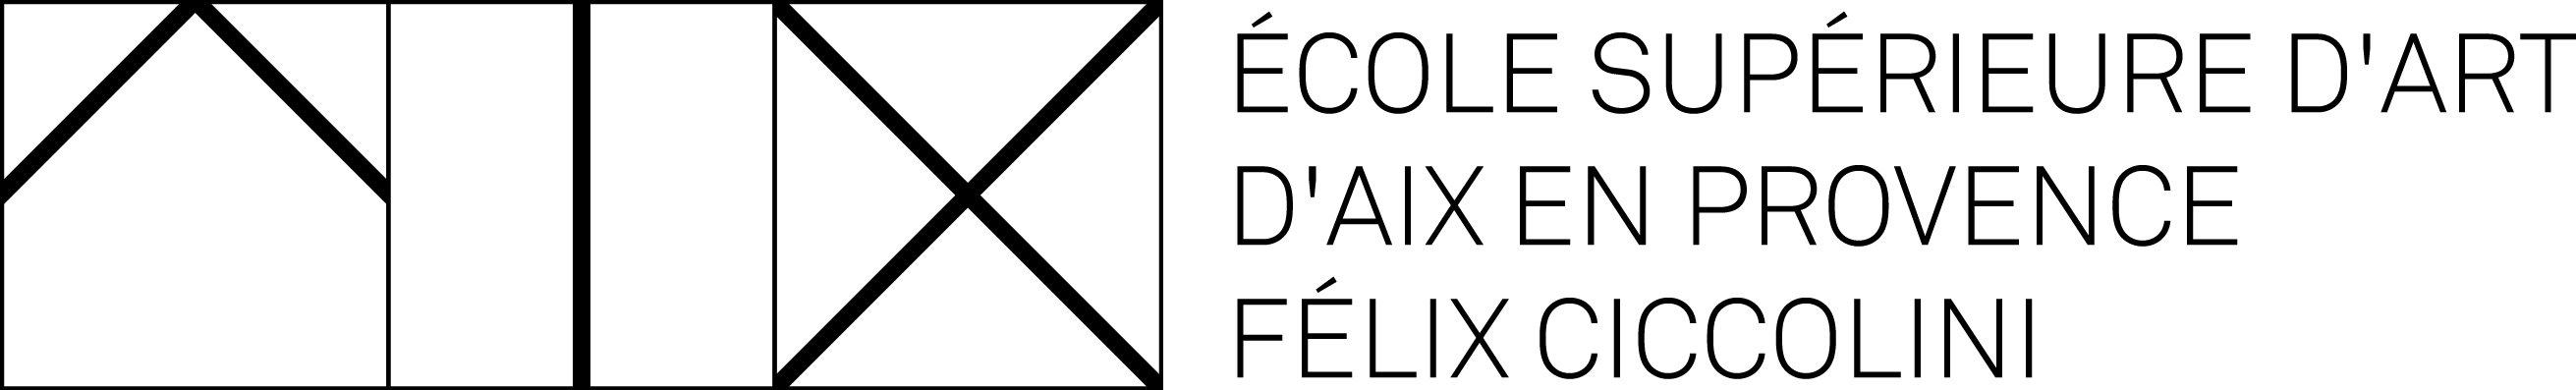 Ecole Superieure d'art d'Aix en Provence, Felix Ciccolini,